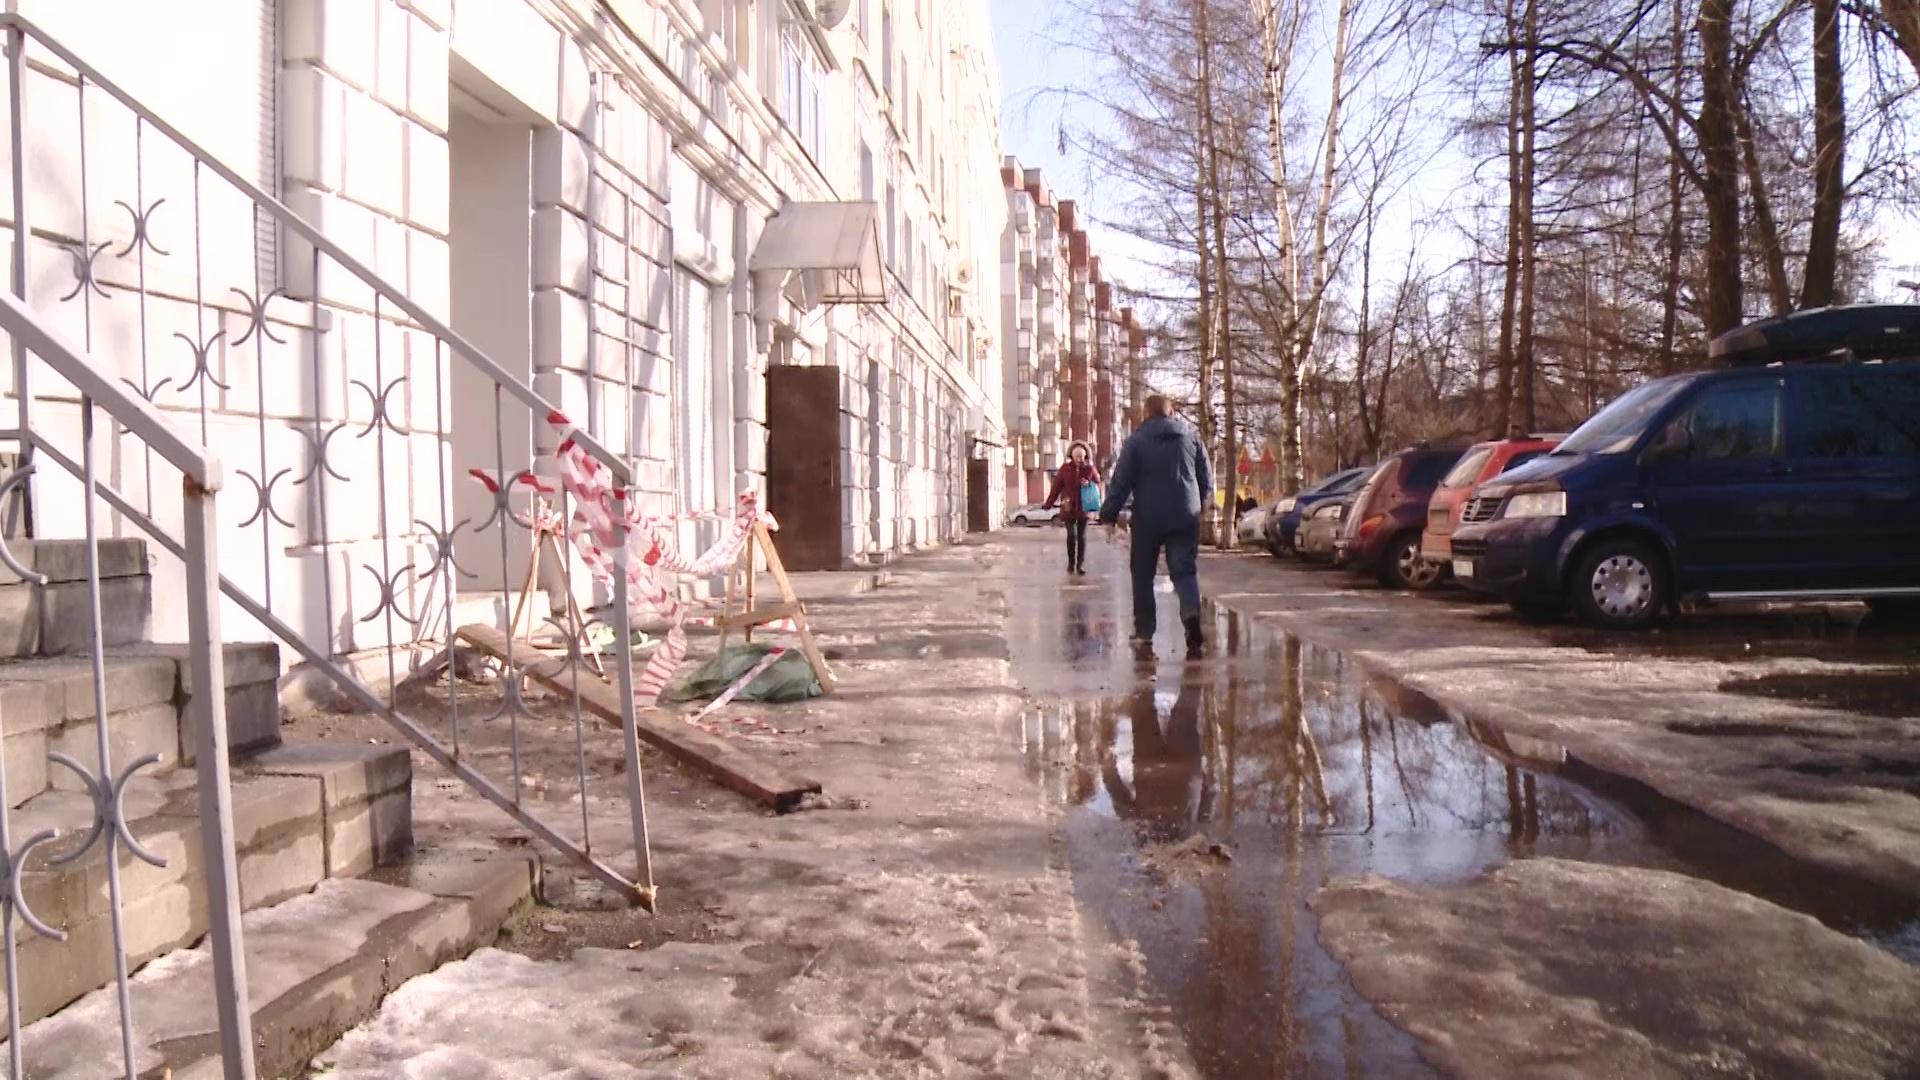 33 несчастья: у дома, с которого в прошлом году упали леса с рабочими, обрушился фасад